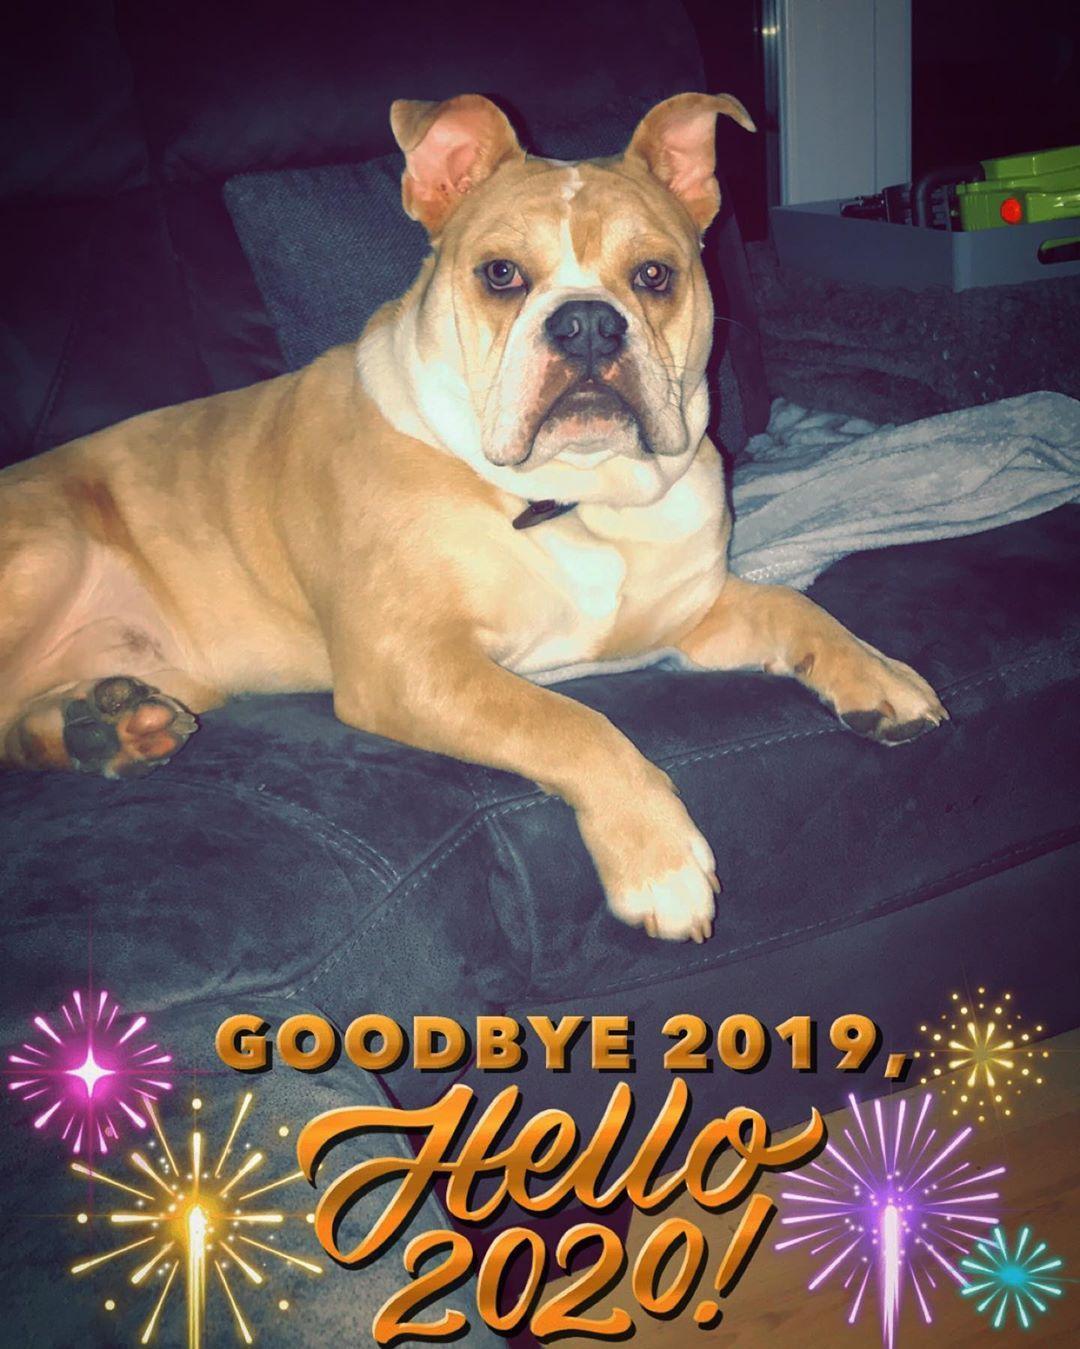 Happy New Year From Mr Happy Bulldog Dog Dogsofinstagram Puppy Frenchbulldog Dogs Frenchie Bulldogsofinstag Bulldog Dogs French Bulldog